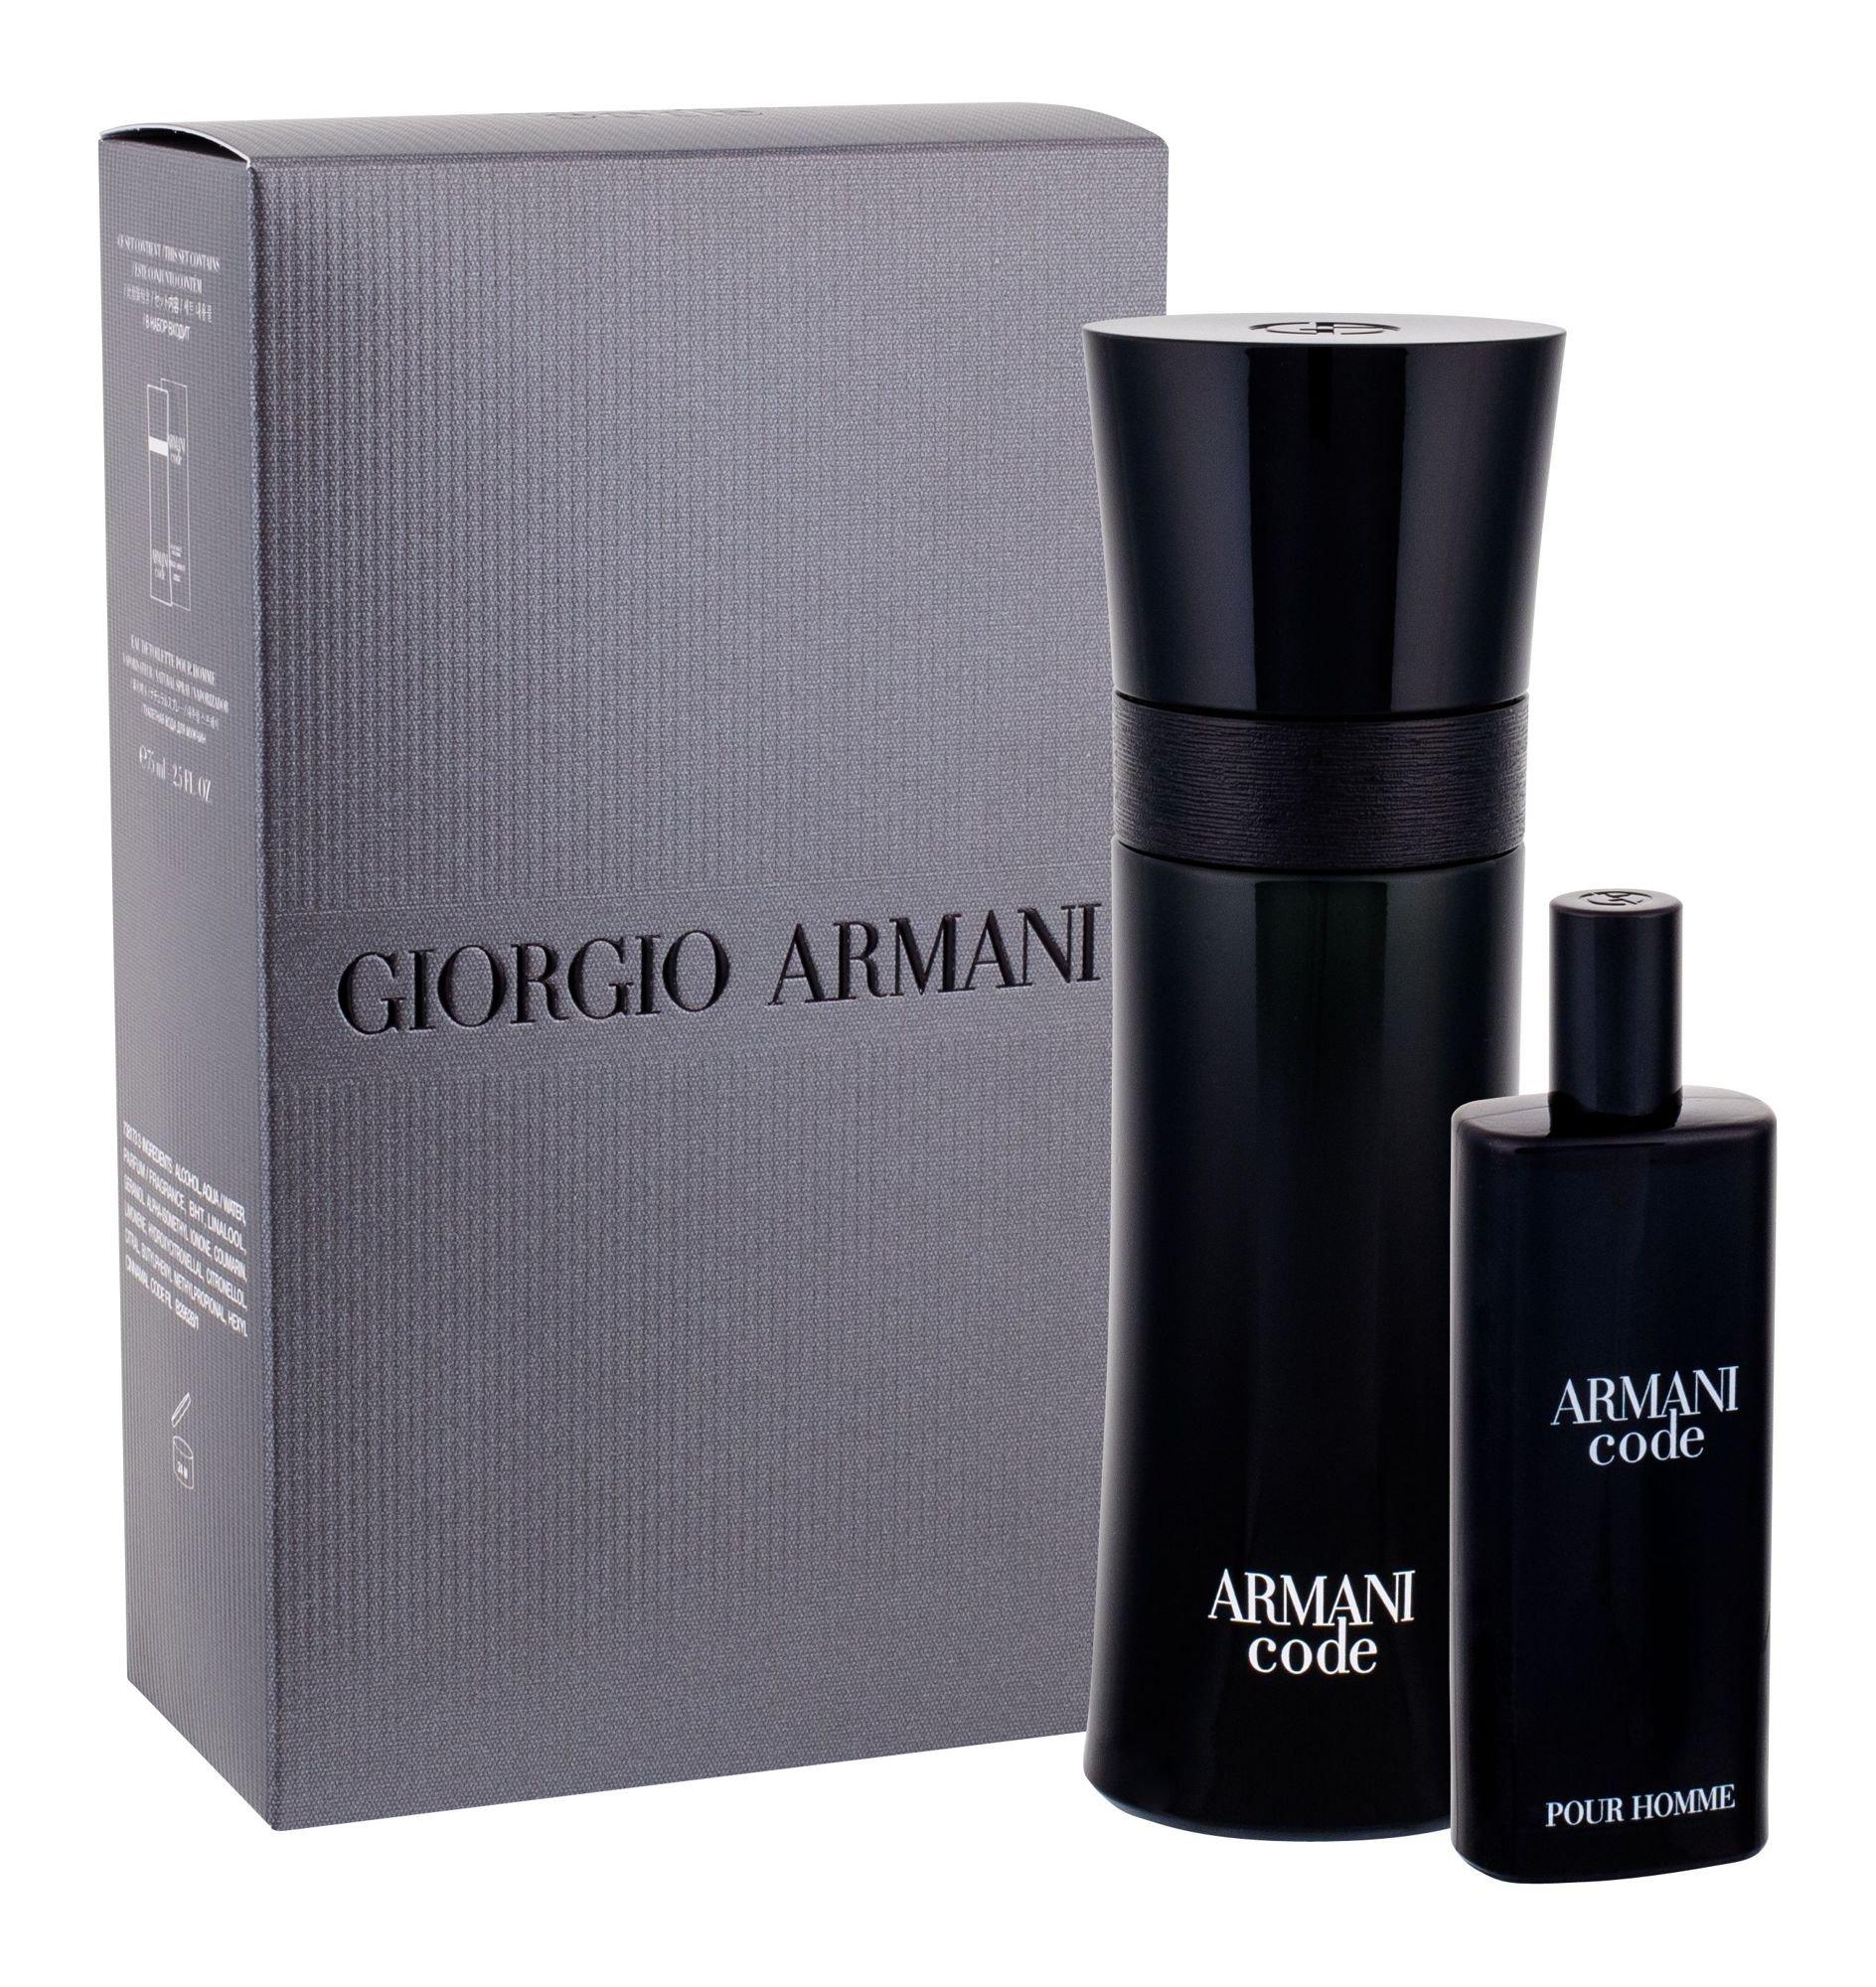 Giorgio Armani Armani Code Pour Homme, toaletná voda 75 ml + toaletná voda 15 ml